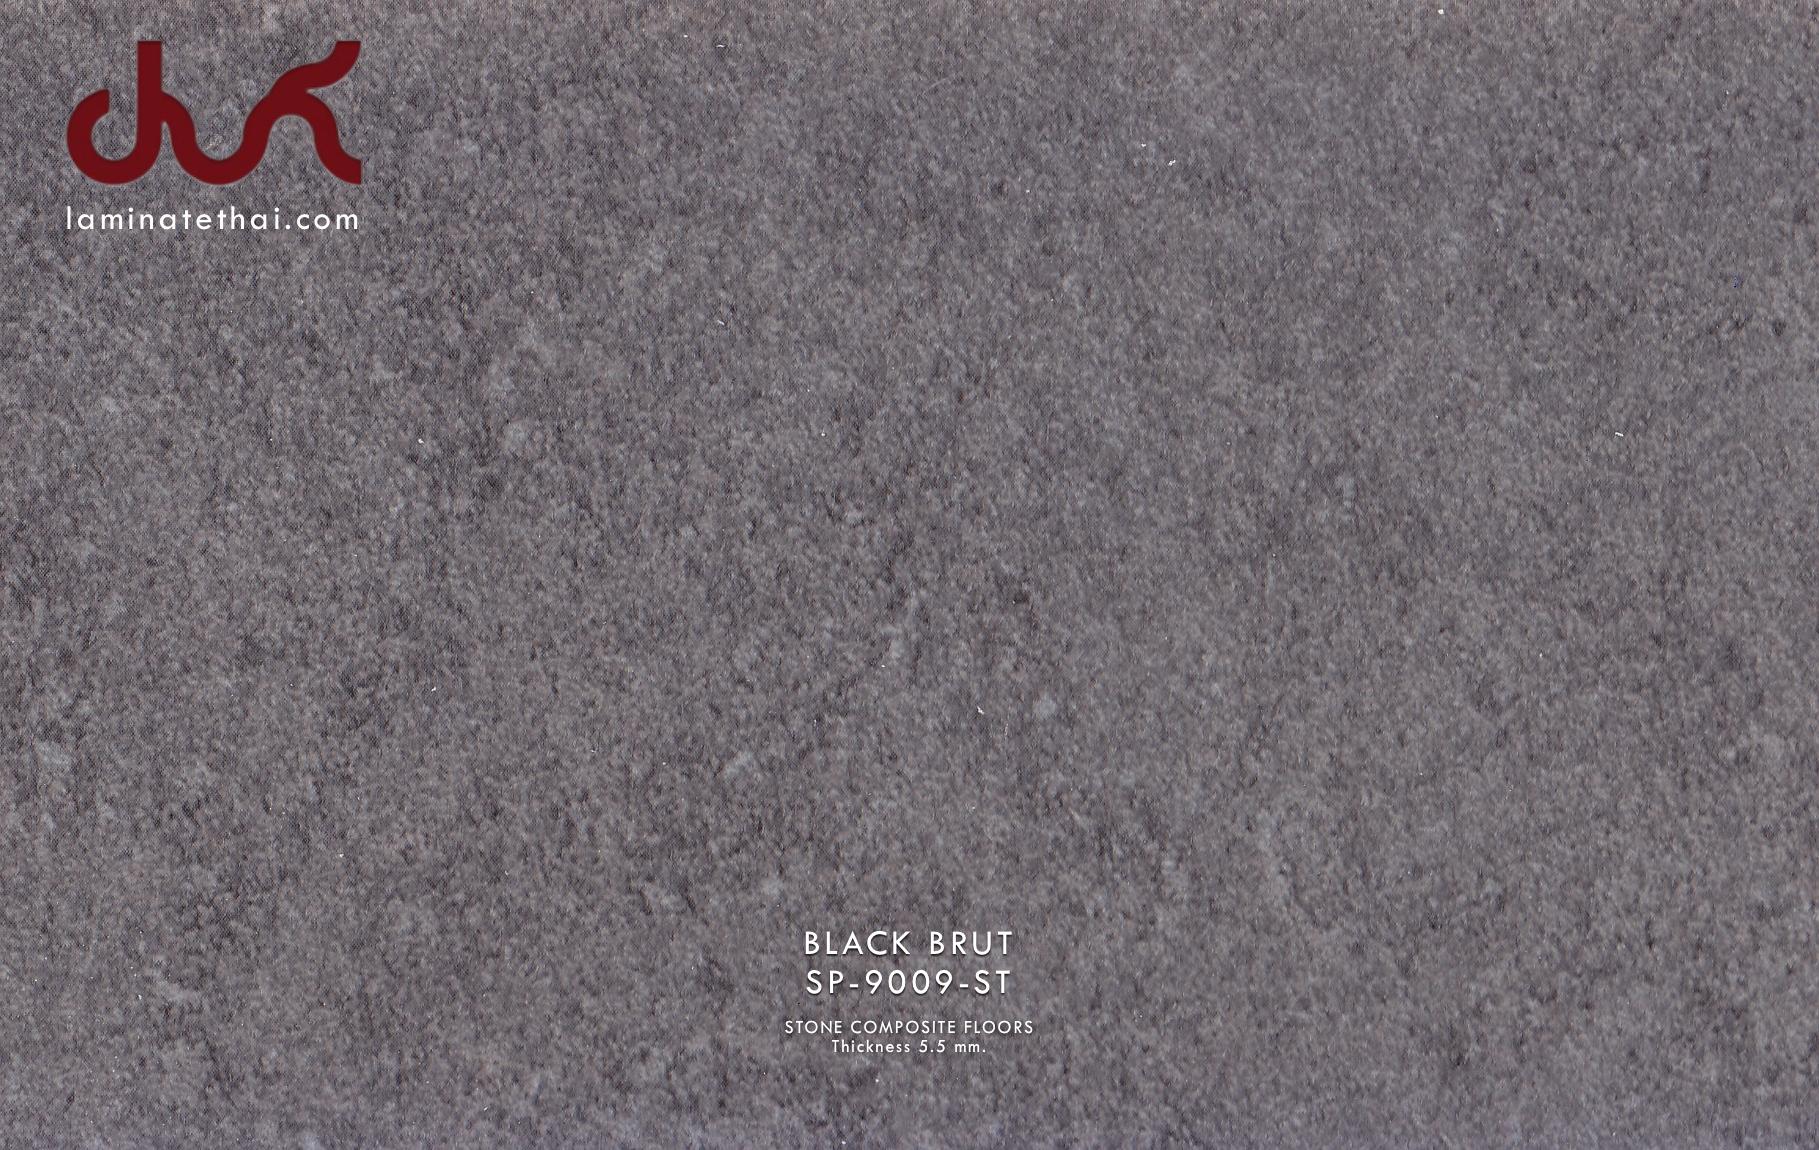 STONE COMPOSITE Floors 5.5 mm.